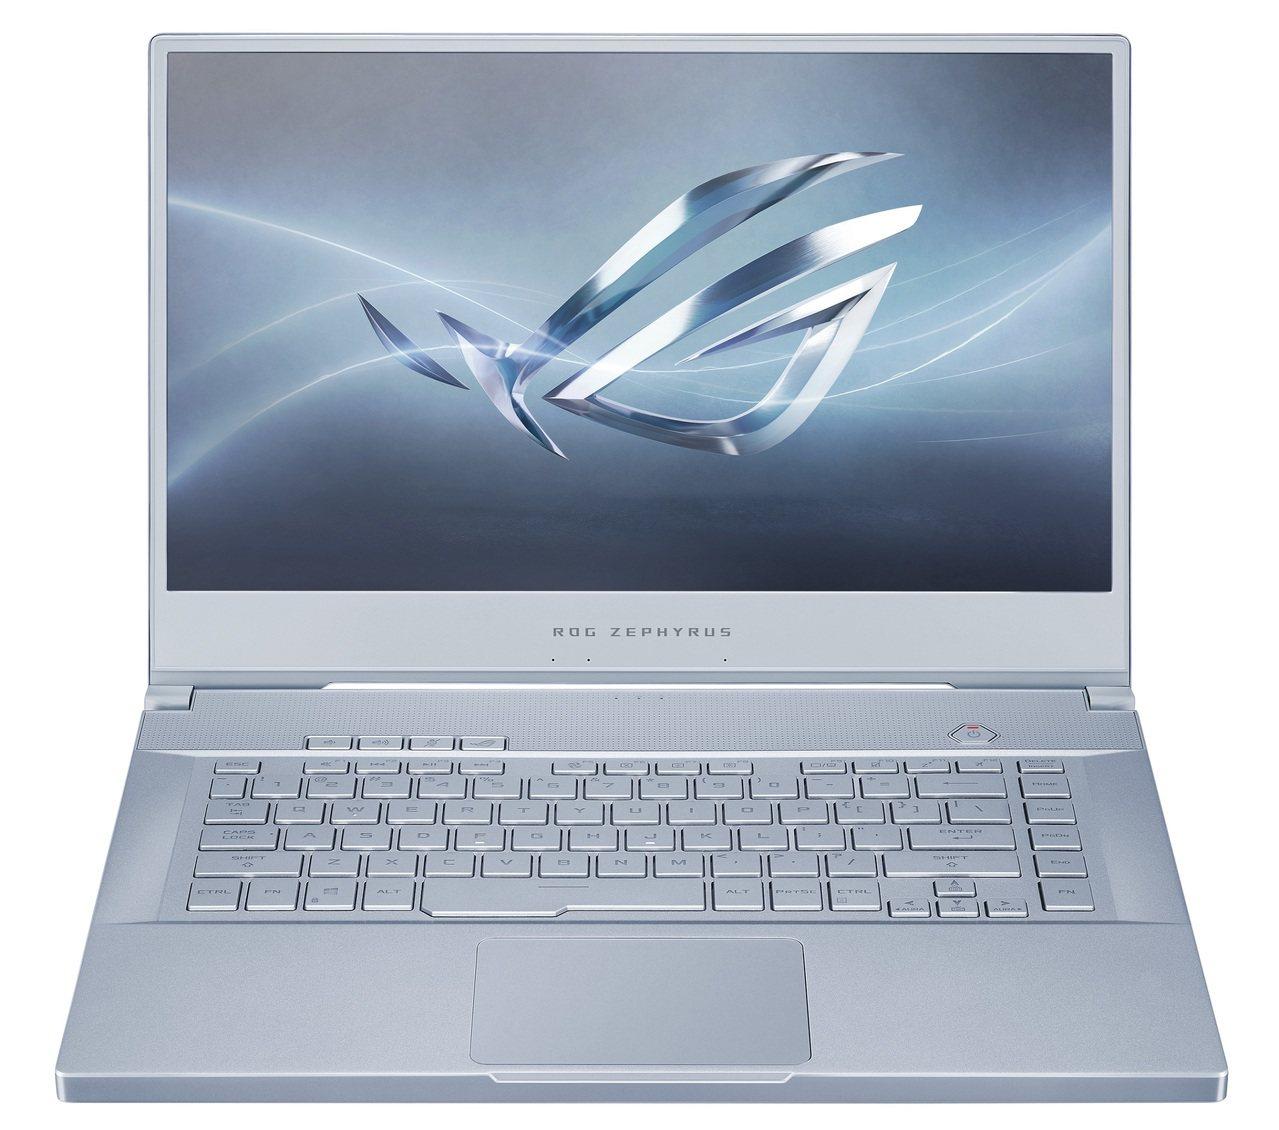 ROG Zephyrus系列電競筆電推出冰河藍新色,顛覆傳統電競風格設計。圖/華...